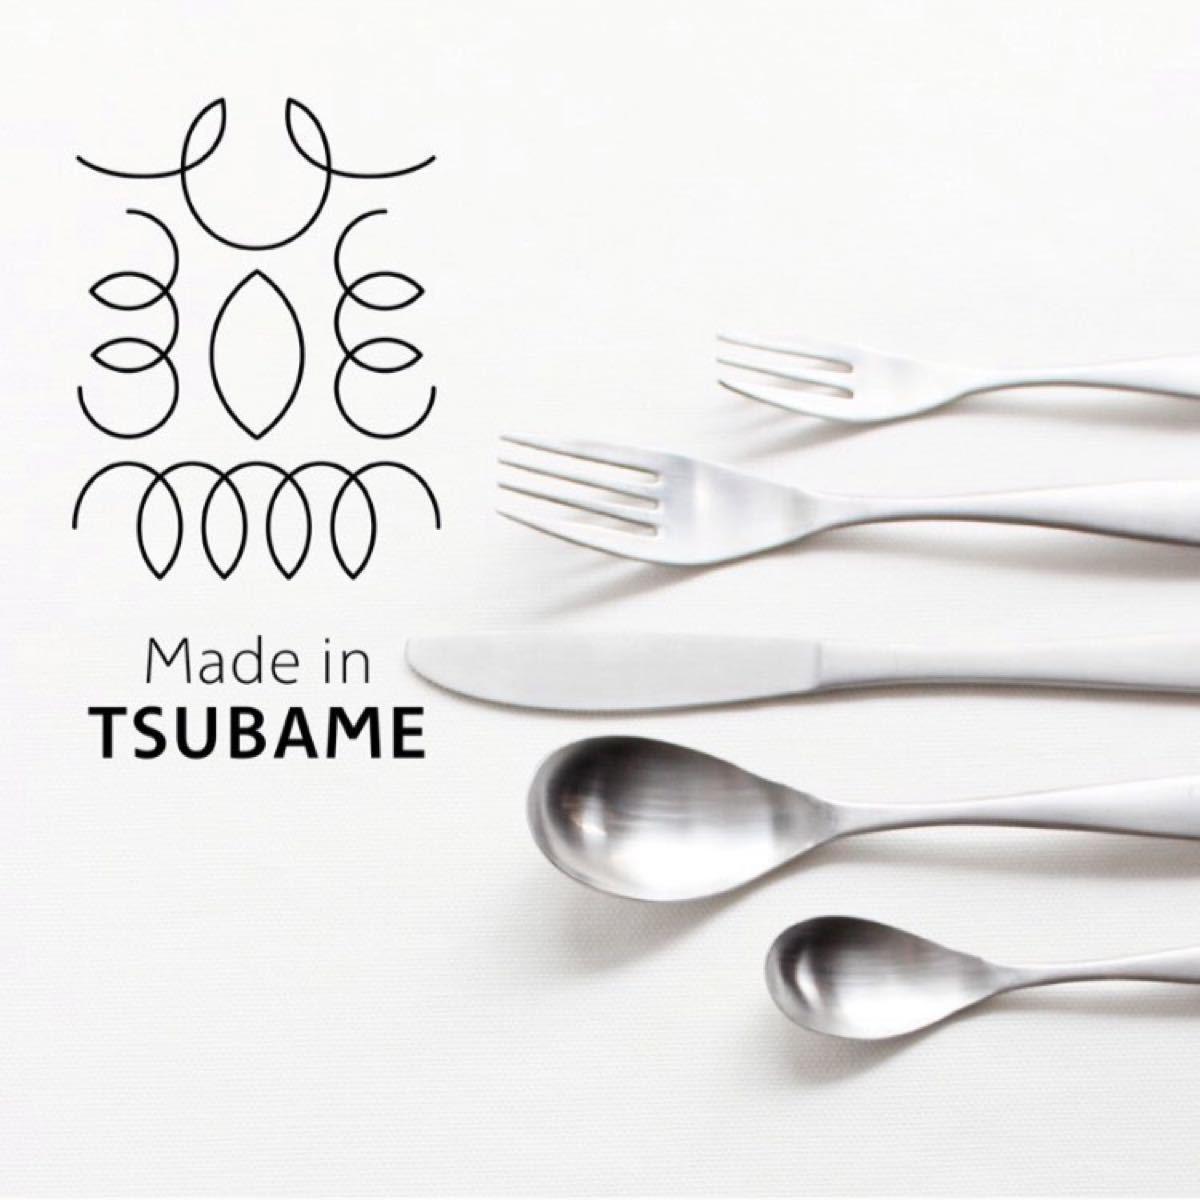 ツバメカトラリー 15本セット フォーク大&ナイフ&スプーン大 新品未使用 made in tsubame 燕